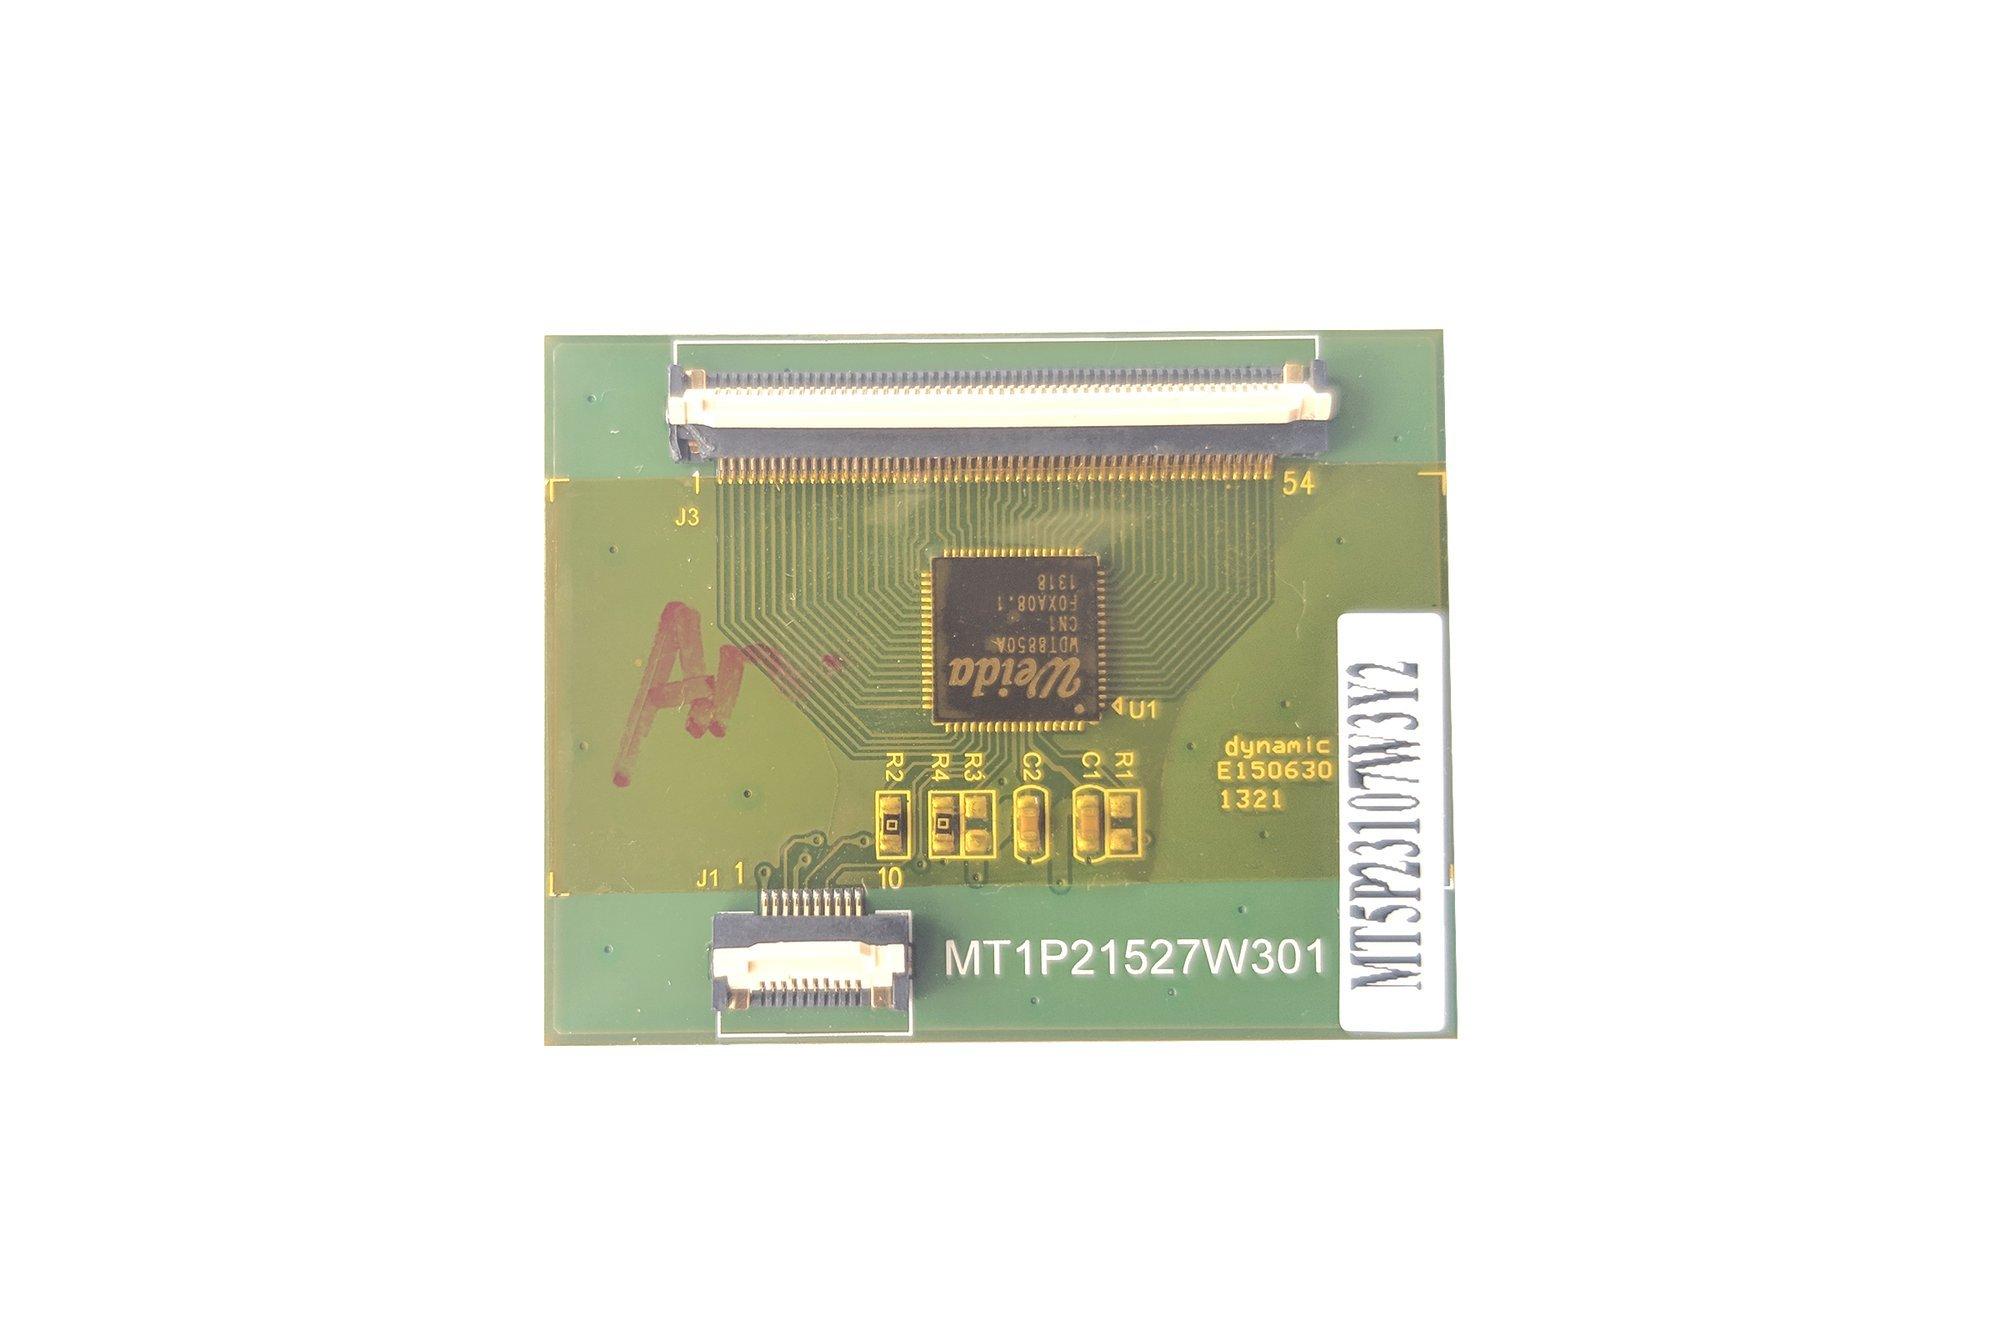 Dell Touch Digitzer Board MT1P21527W301